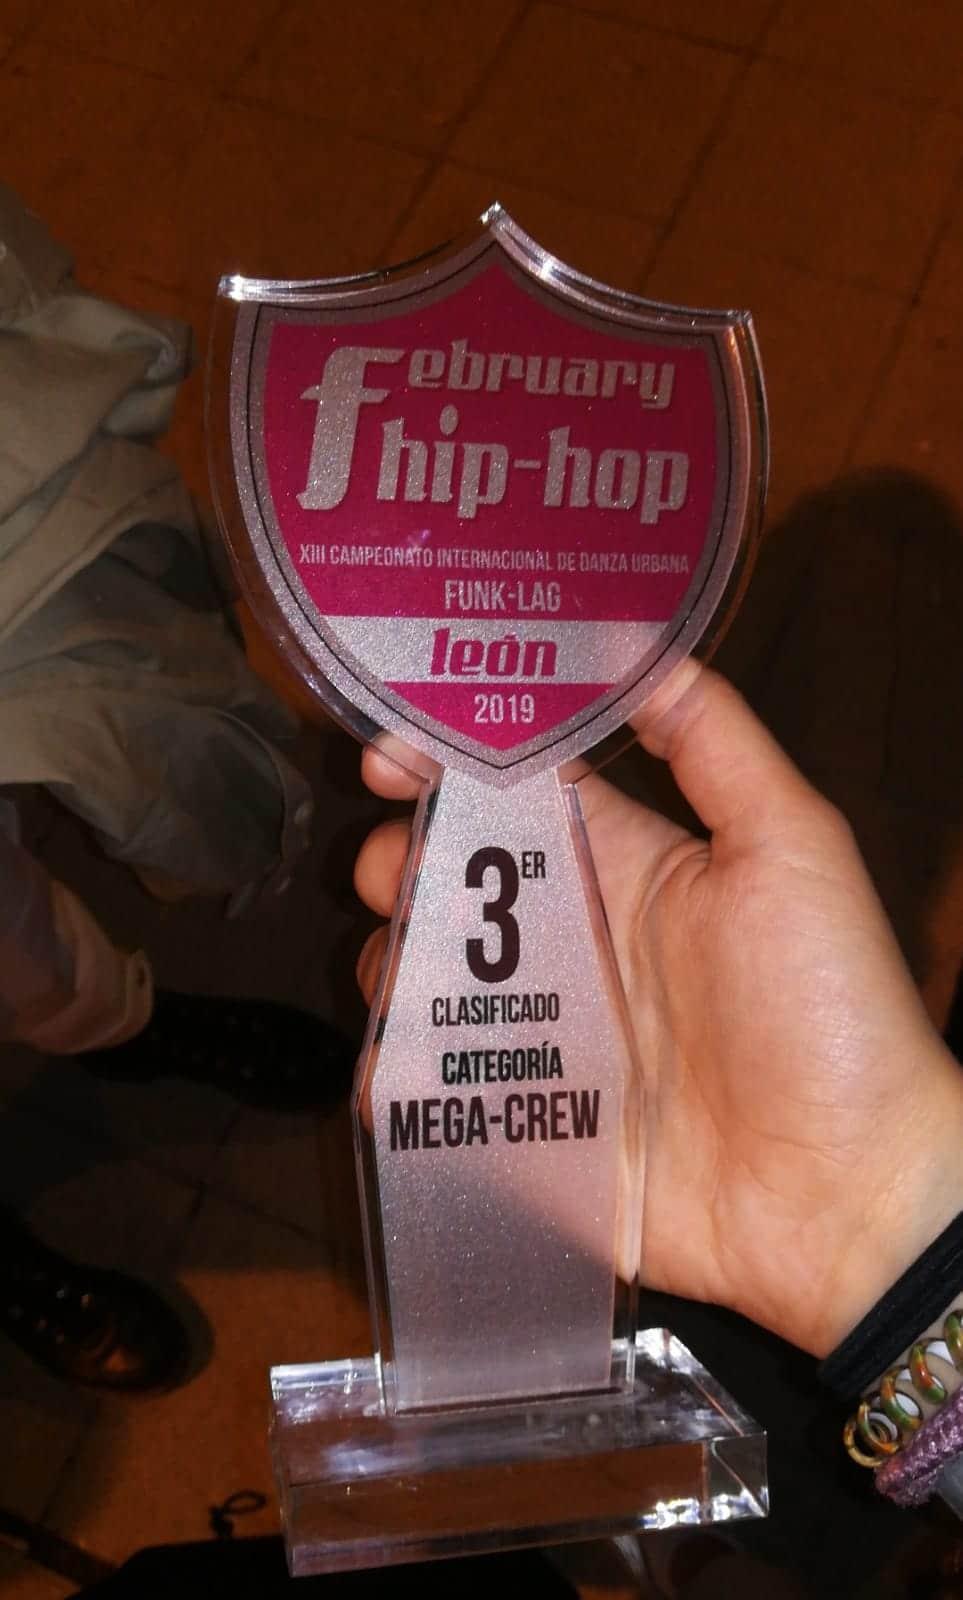 Harteraphia firma un meritorio tercer puesto en el February Hip Hop de León 2